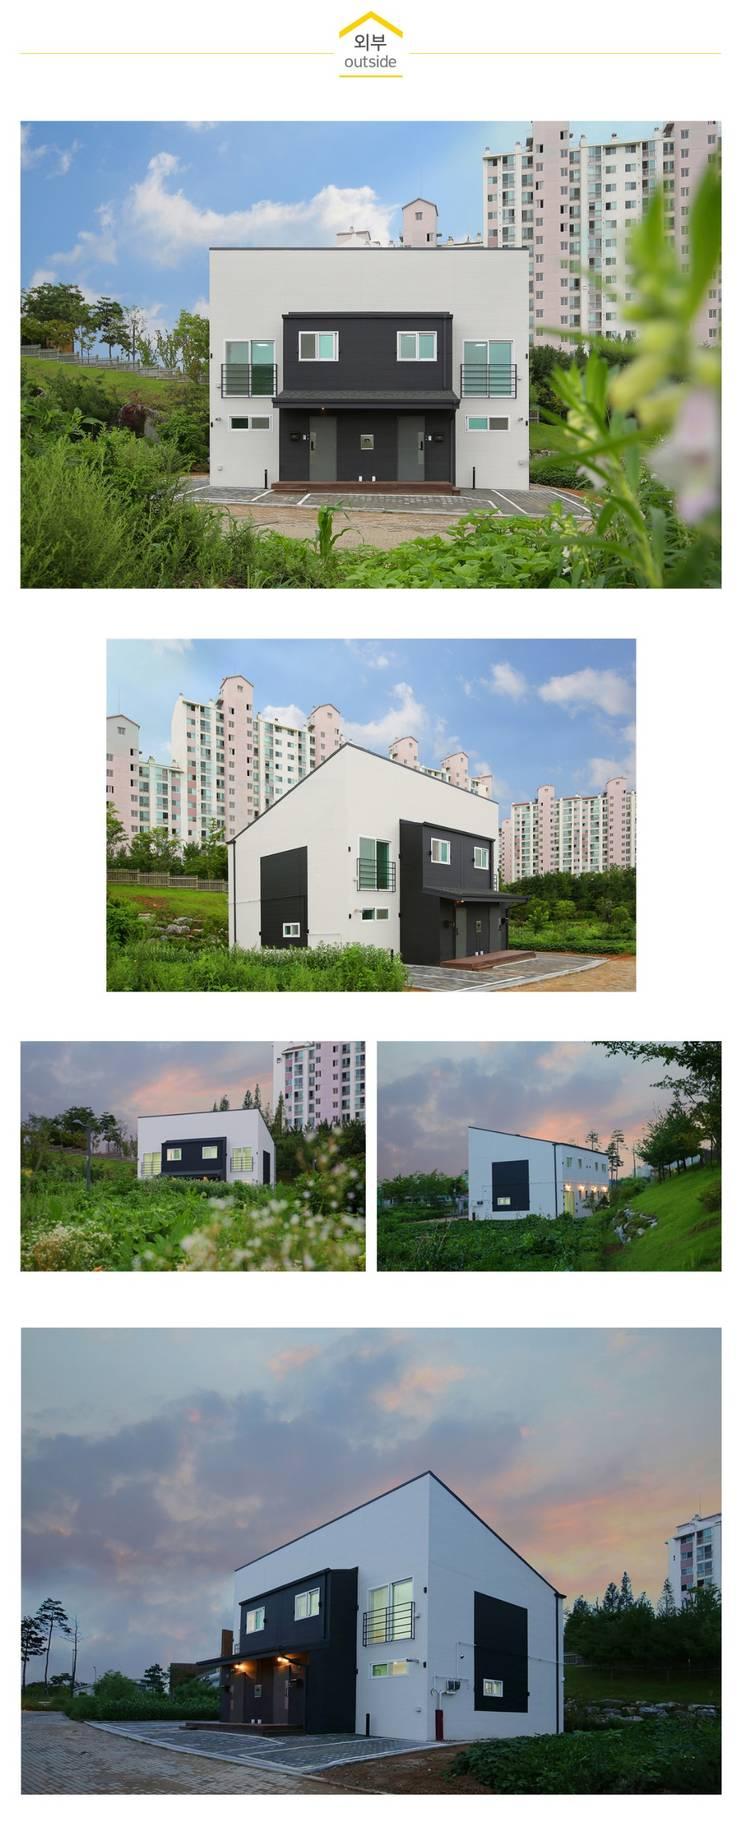 한 지붕 두 가족, 듀플렉스주택_외관: 공간제작소(주)의  조립식 주택